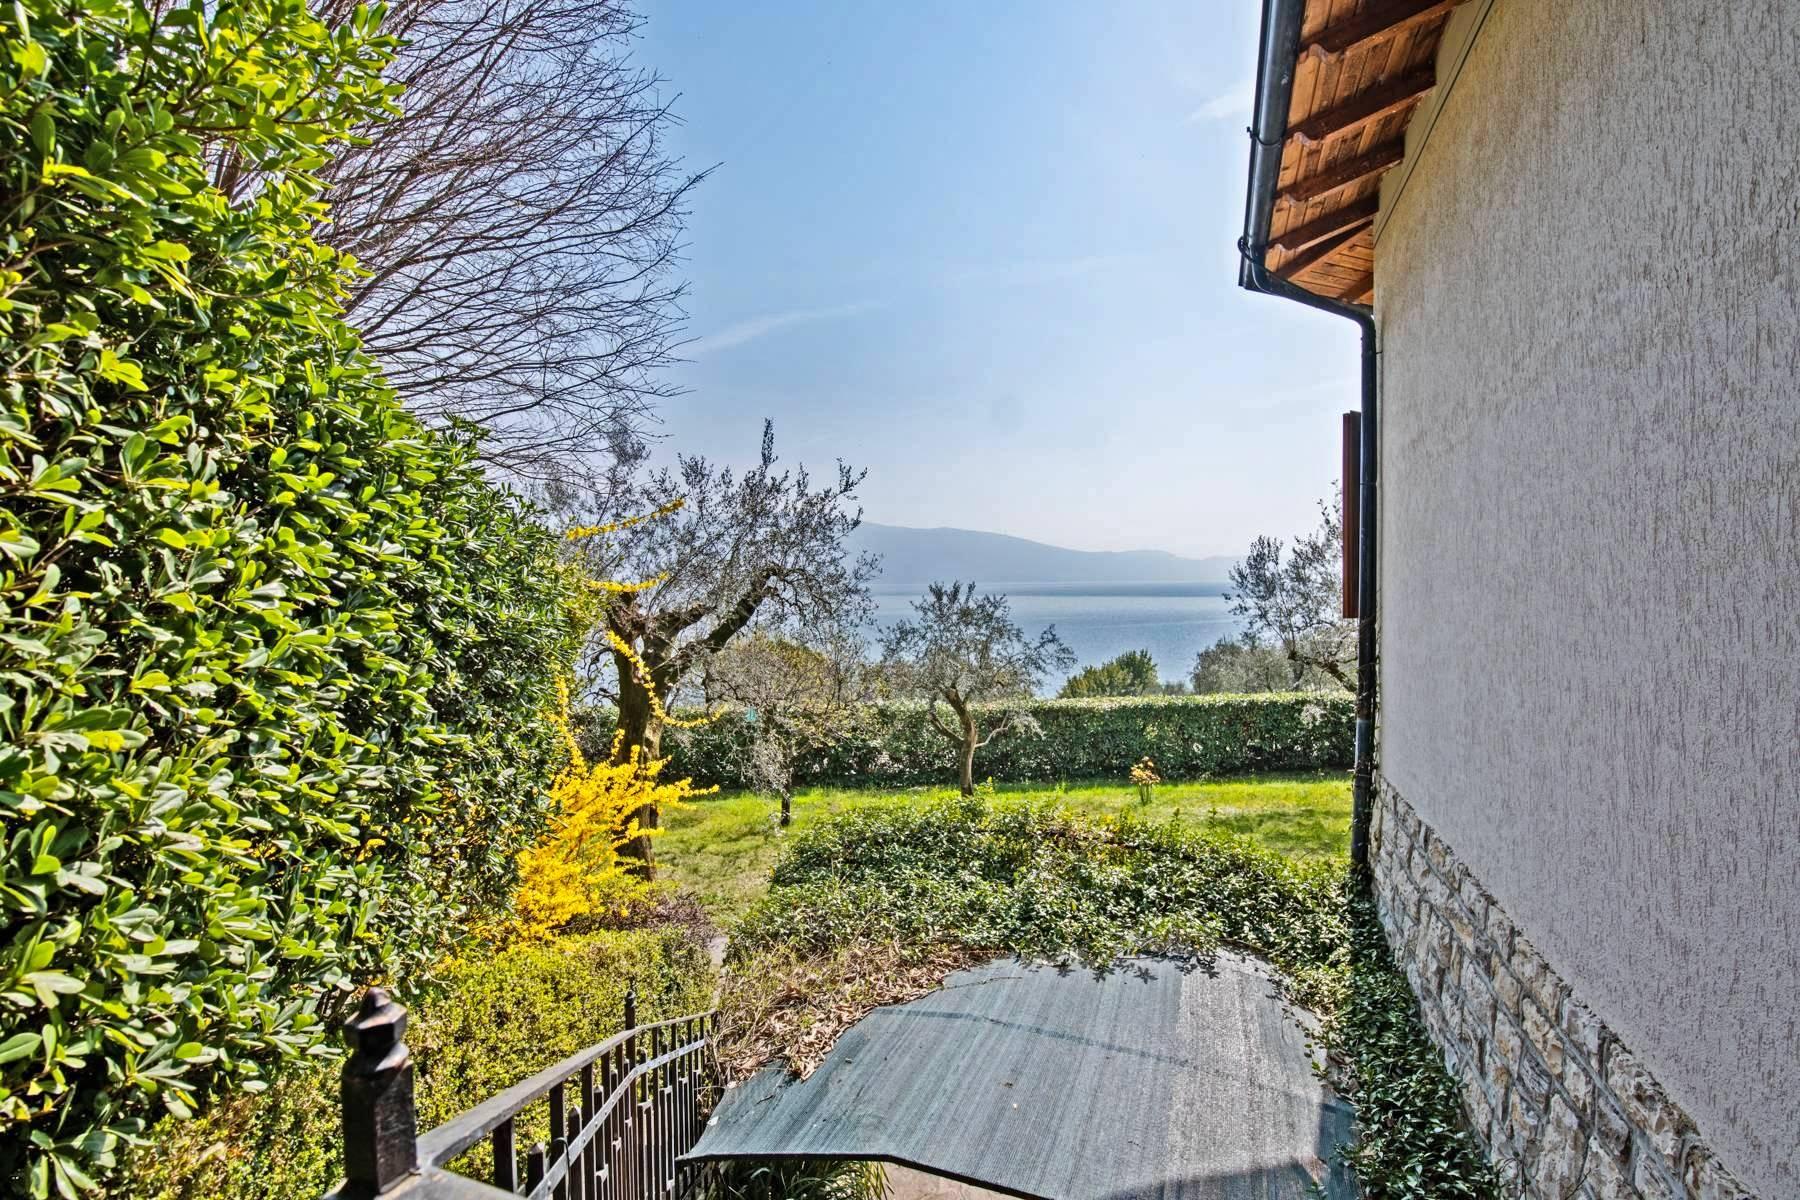 Villa in Vendita a Gargnano: 5 locali, 330 mq - Foto 22